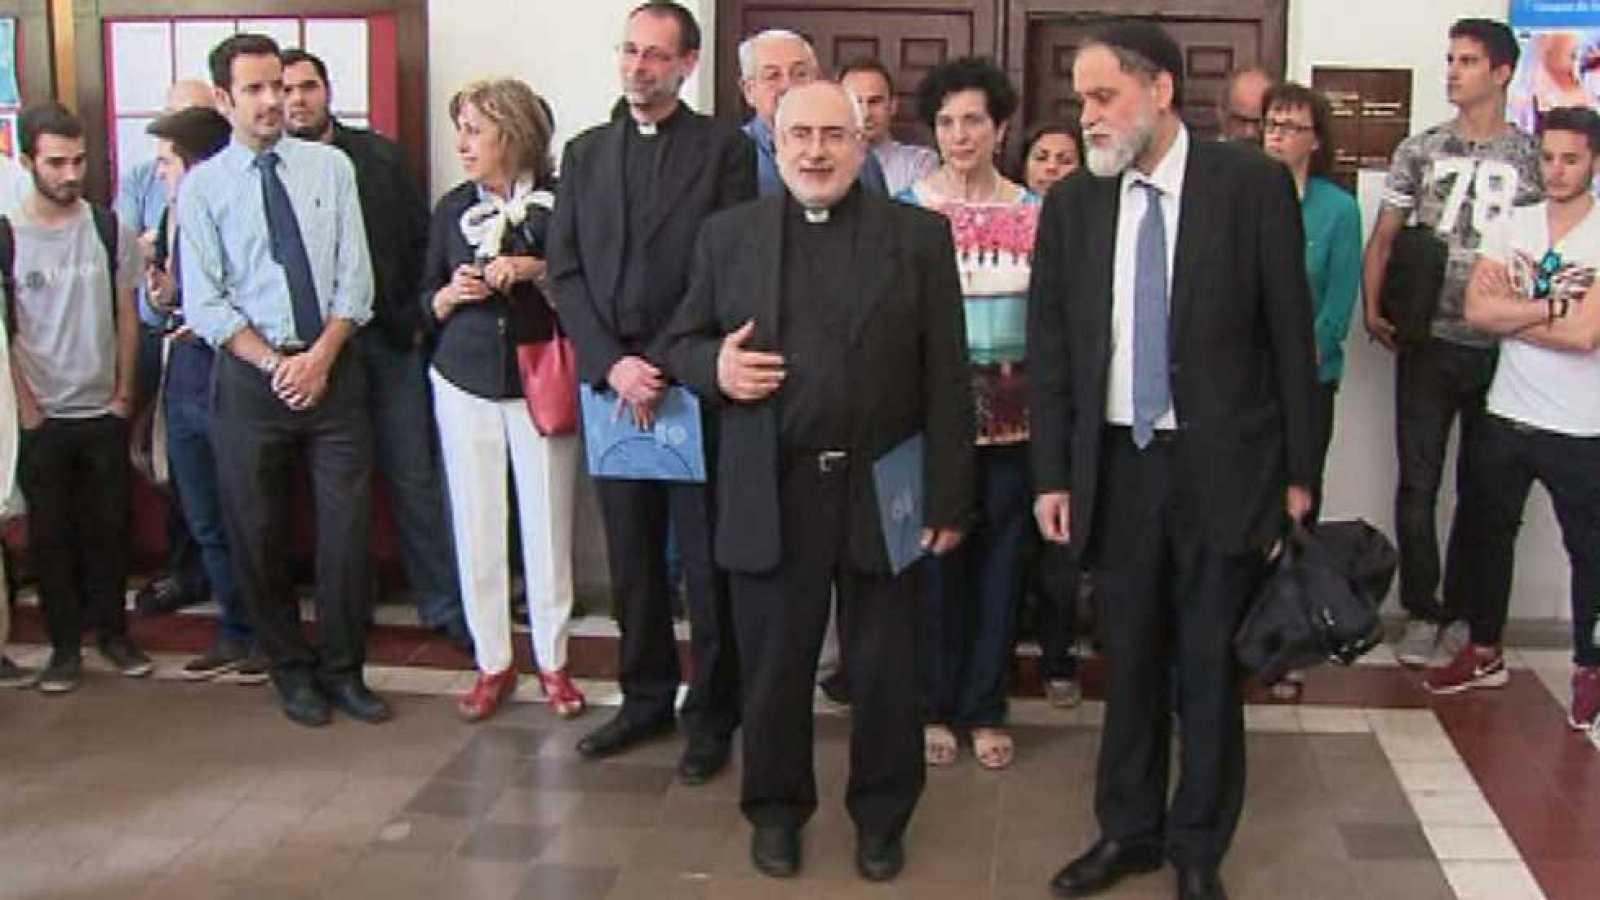 Shalom - Semana de Israel en la Universidad Católica de Murcia - ver ahora